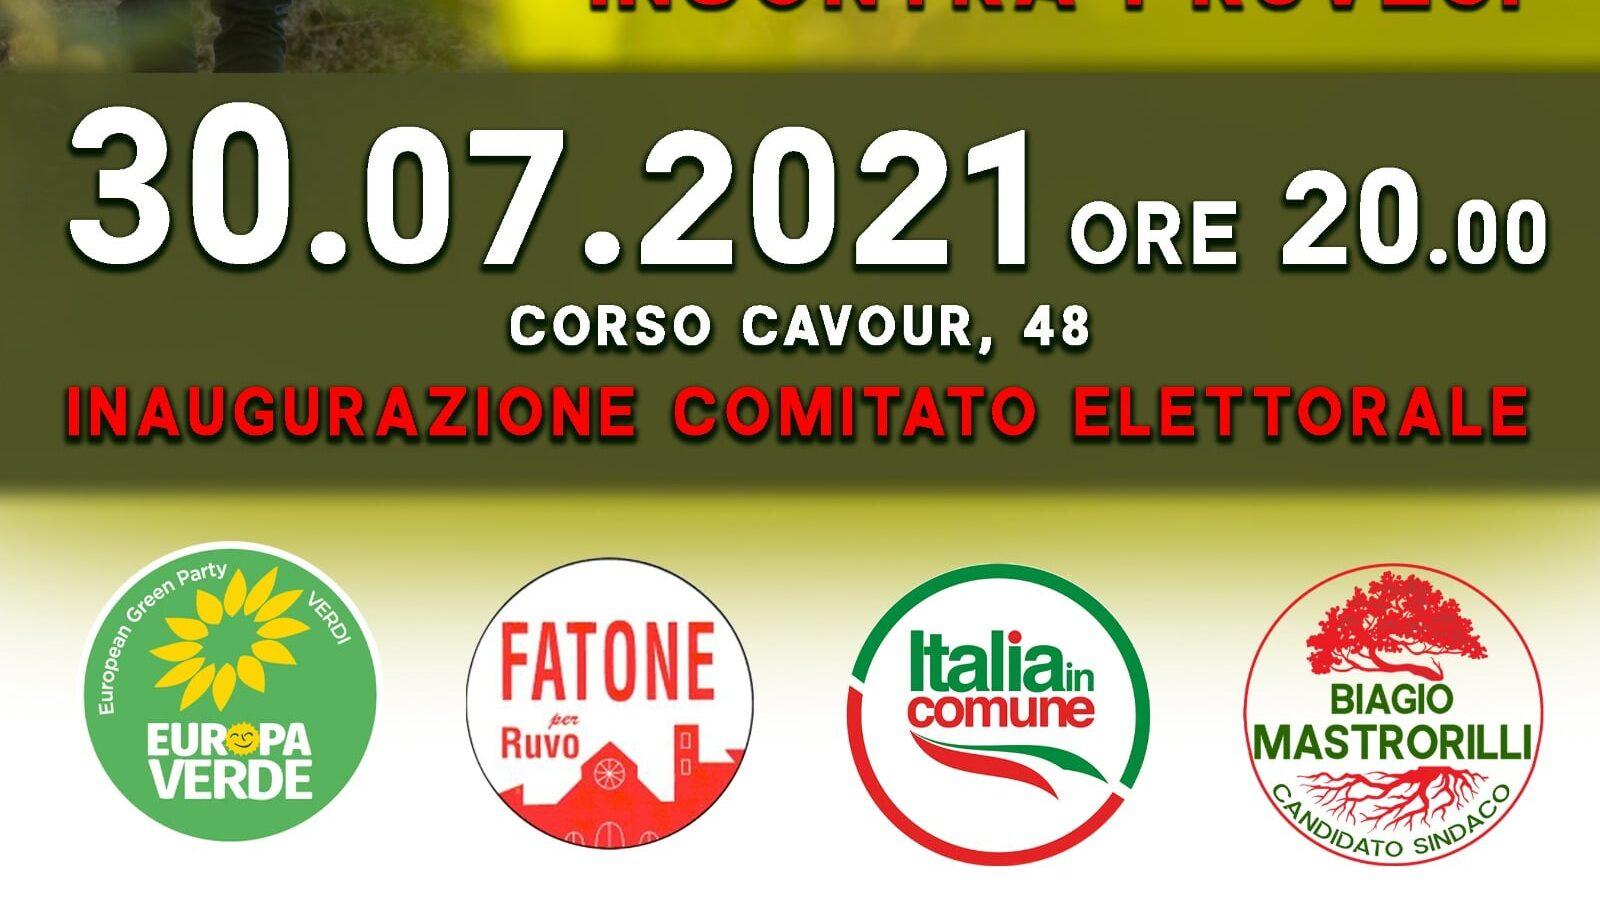 Inaugurazione Comitato Elettorale Biagio Mastrorilli